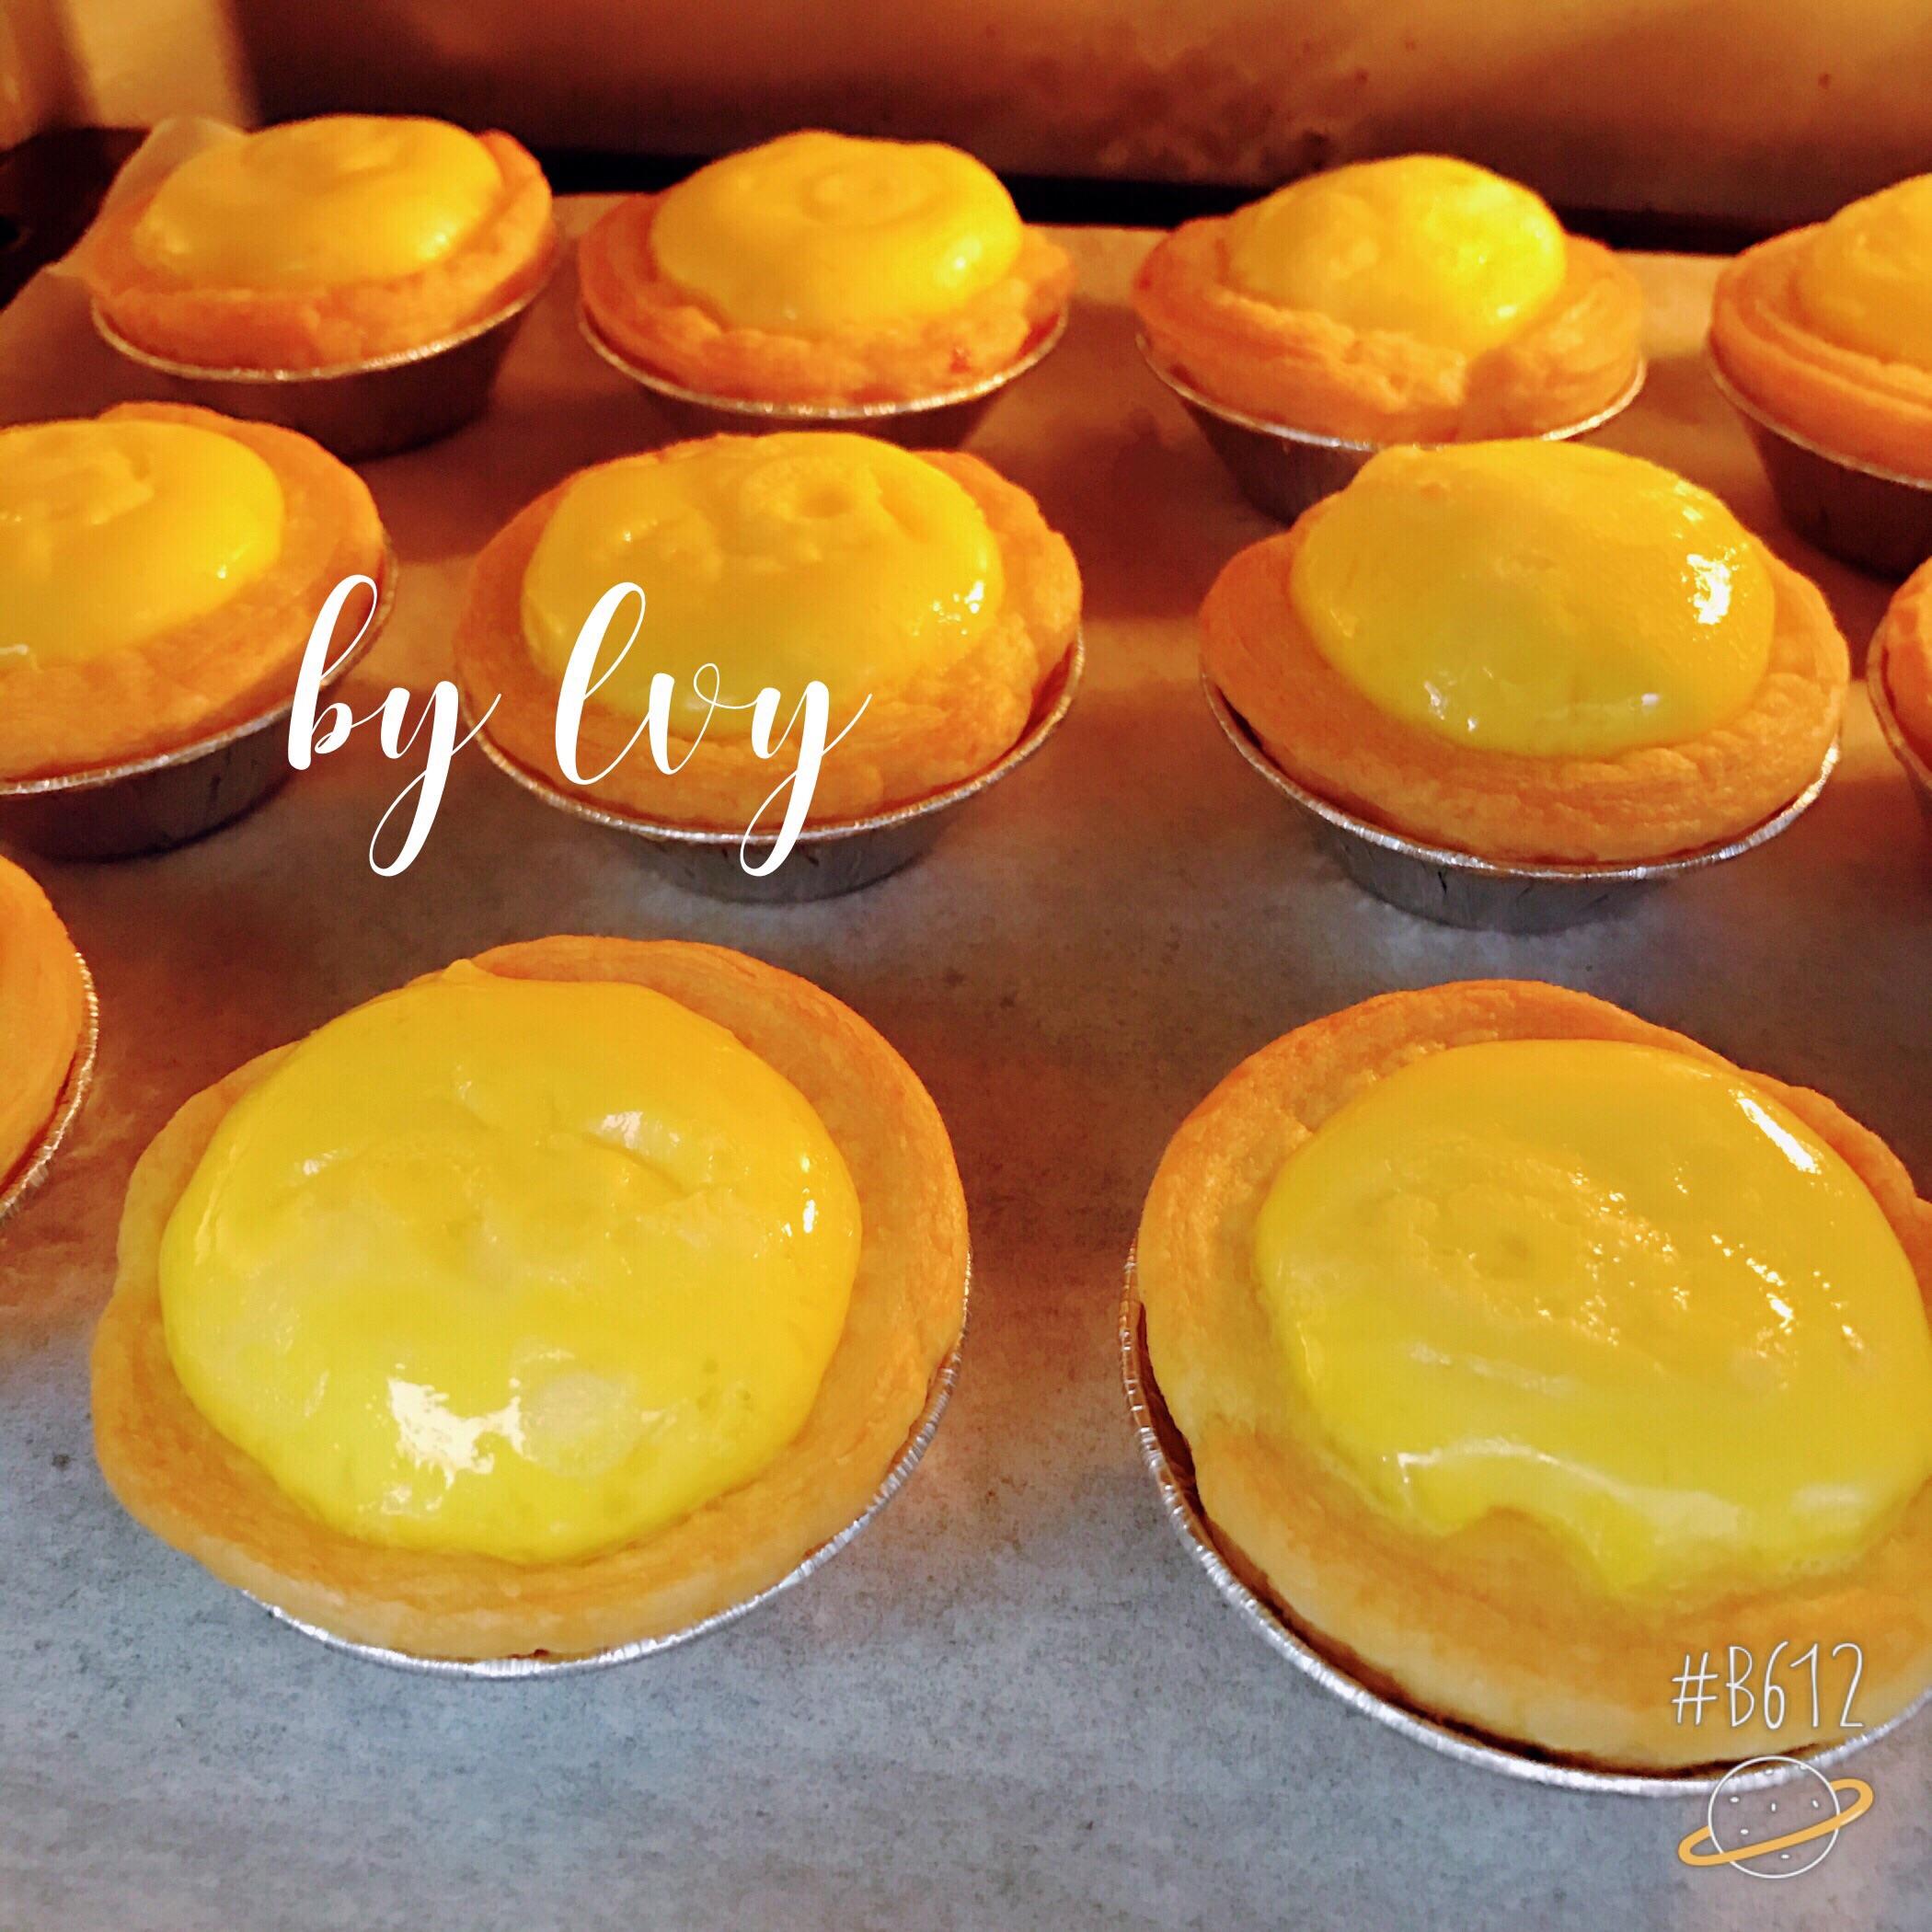 炒菜煲汤临锅时加入提鲜不口干 芝士蛋挞的做法步骤        本菜谱的